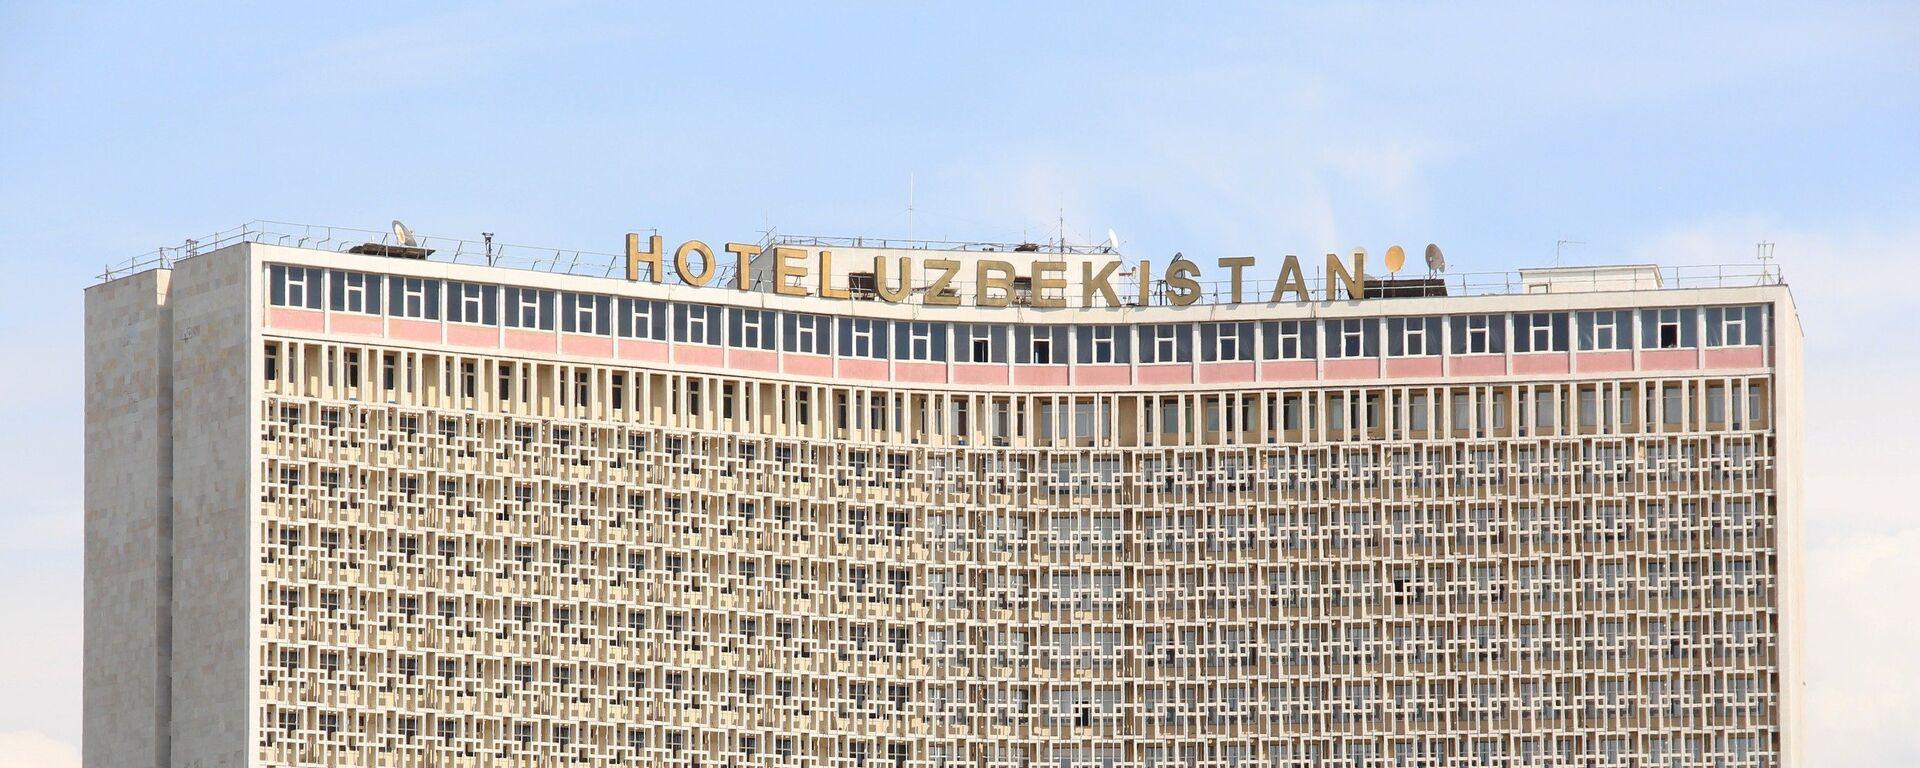 Гостиница Узбекистан в центре Ташкента - Sputnik Узбекистан, 1920, 22.06.2021